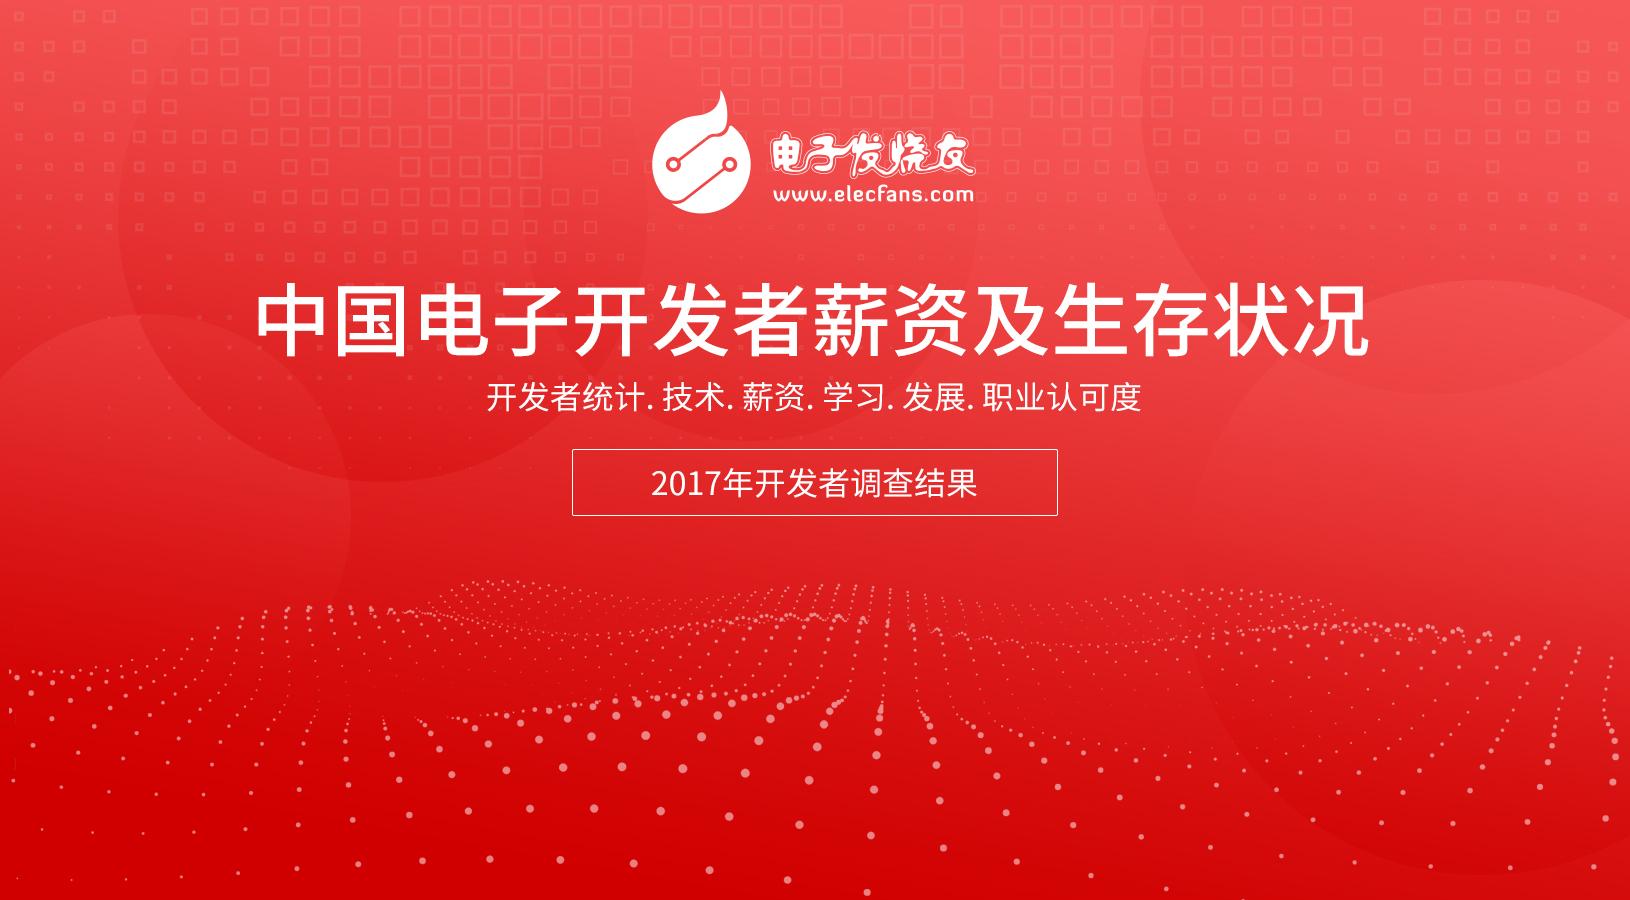 中国电子开发者薪资及生存状况大调查 | 参与调查领取iPhone X示波器大礼